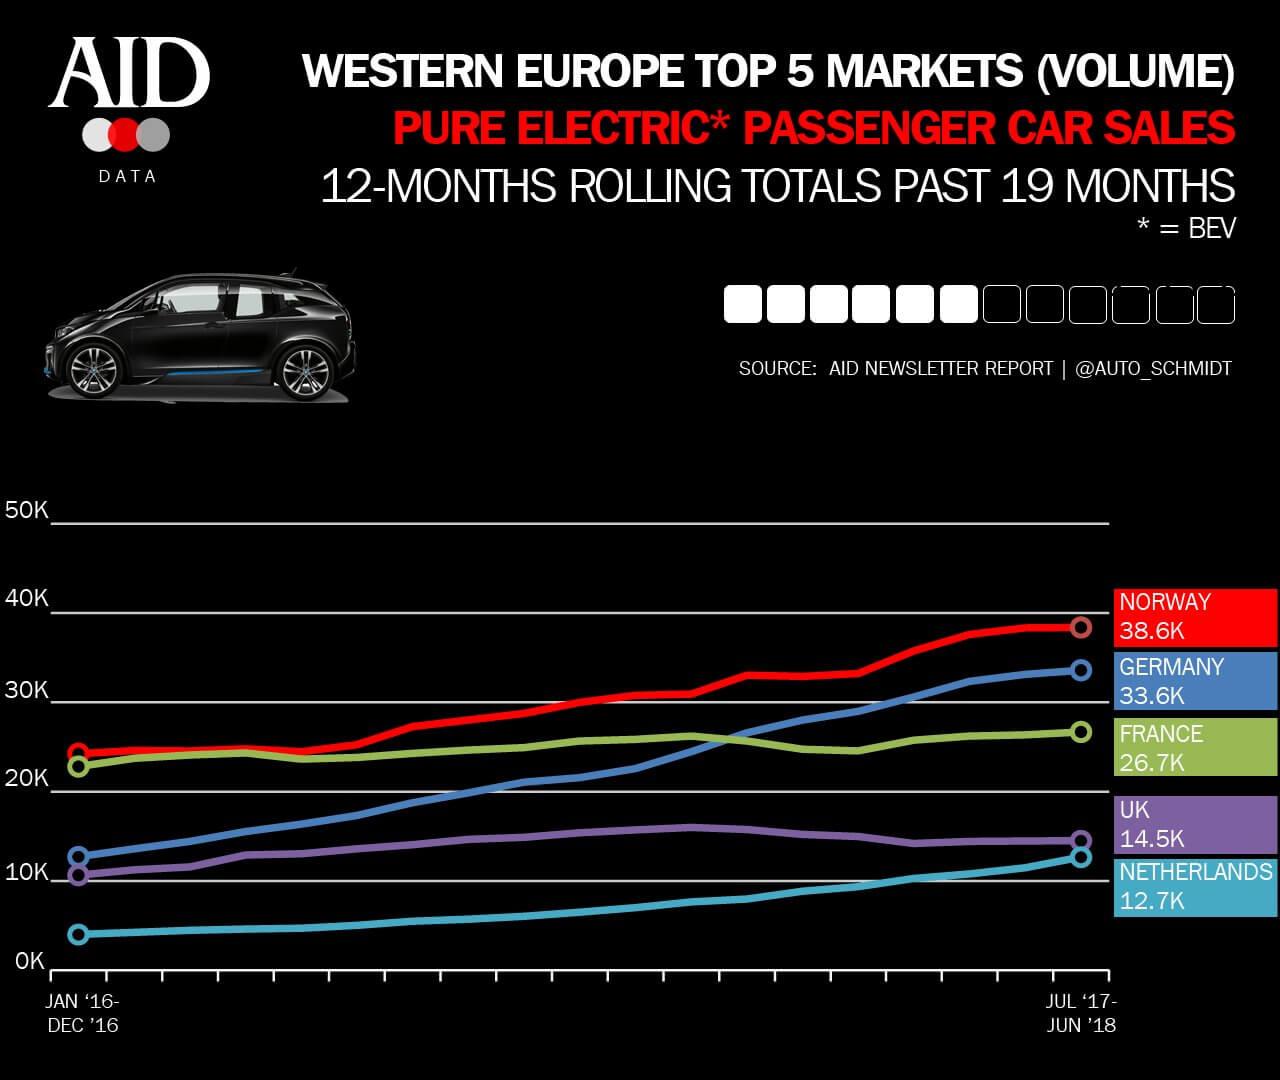 Показатели спроса самых крупных рынков EV в Западной Европе